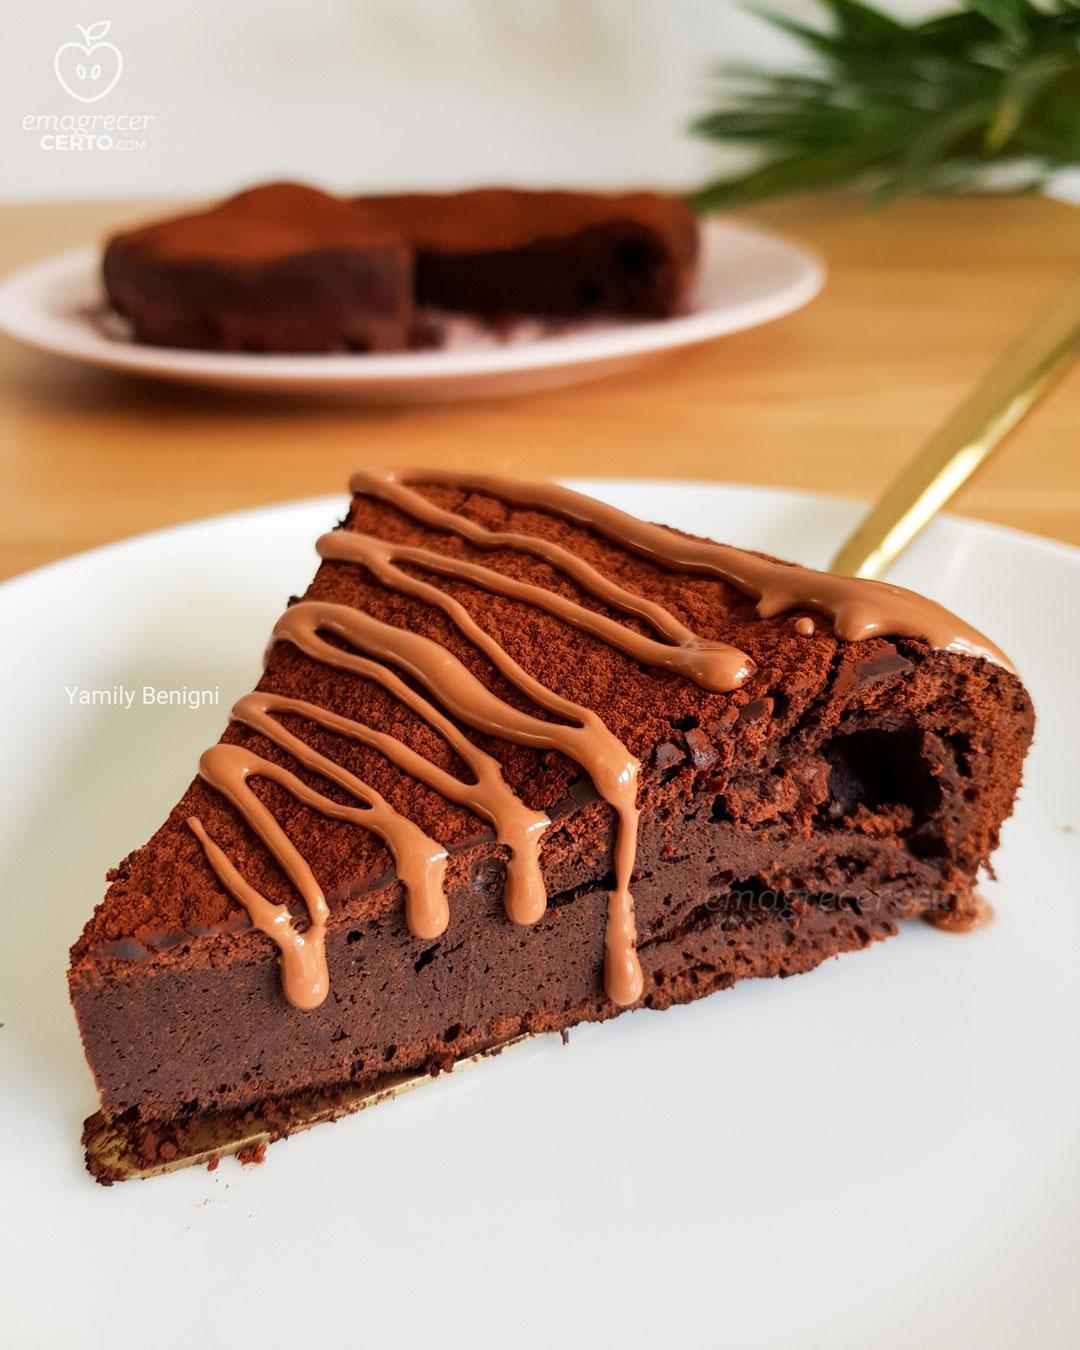 Bolo de chocolate com 2 ingredientes do blog Emagrecer Certo